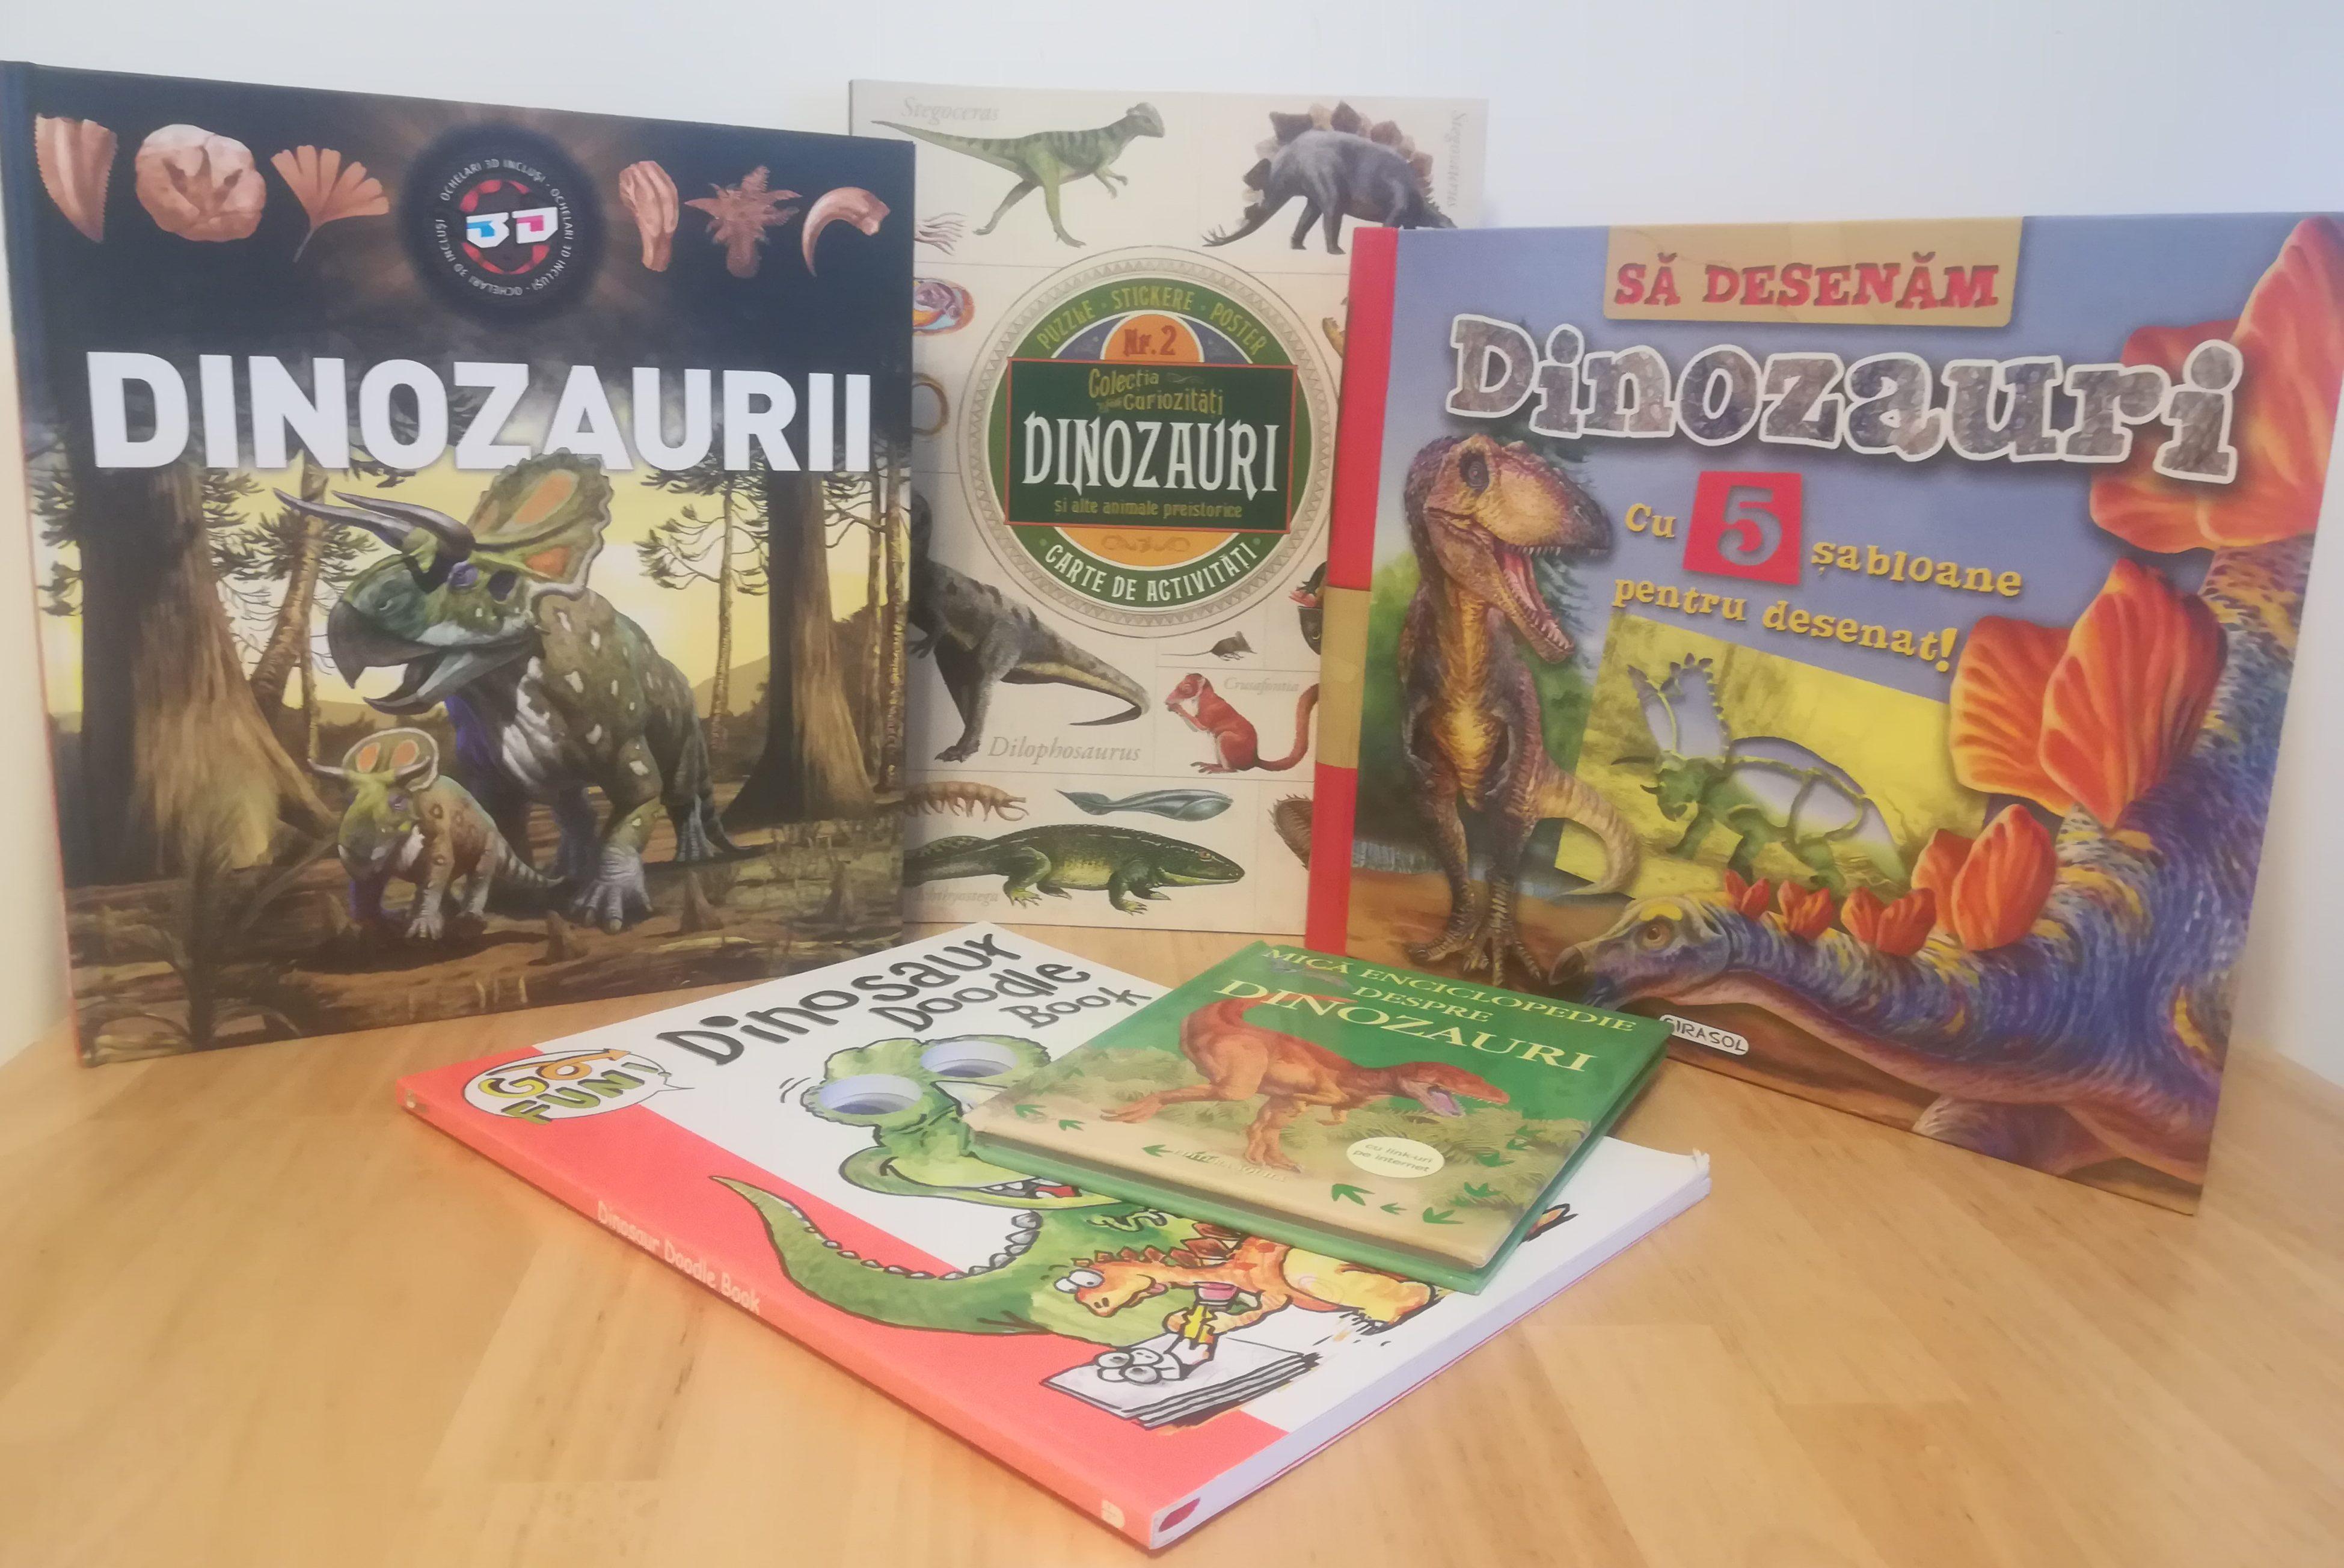 5 cărți despre dinozauri din care am învățat, dar ne-am și distrat